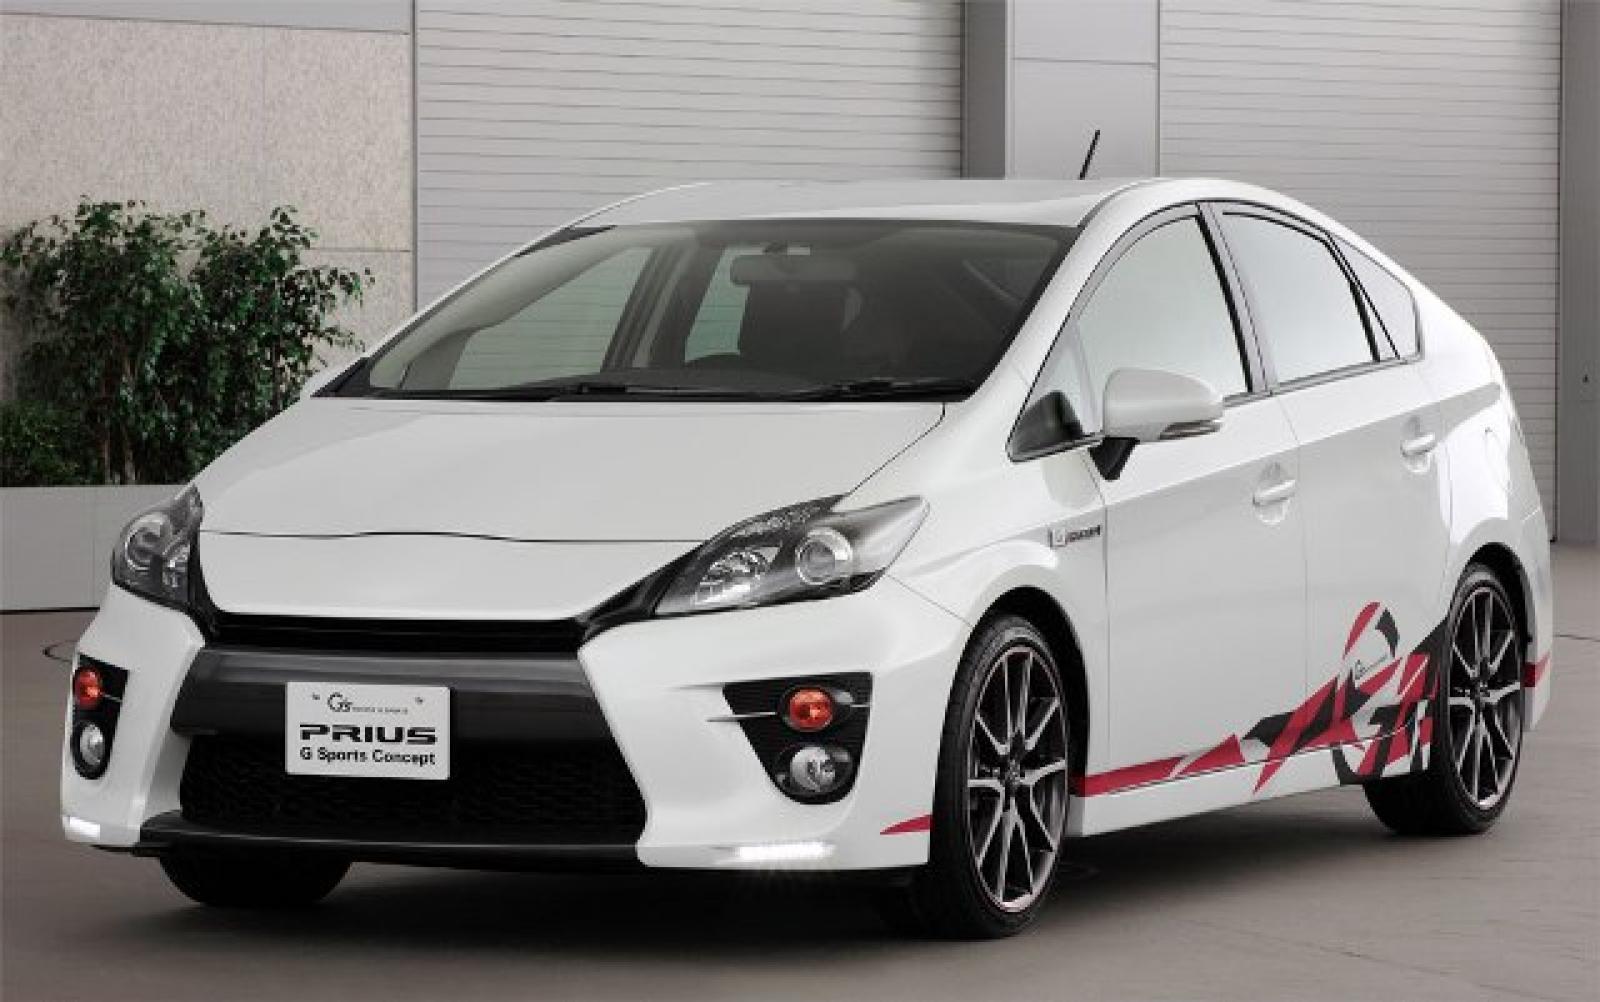 800 1024 1280 1600 Origin 2016 Toyota Prius